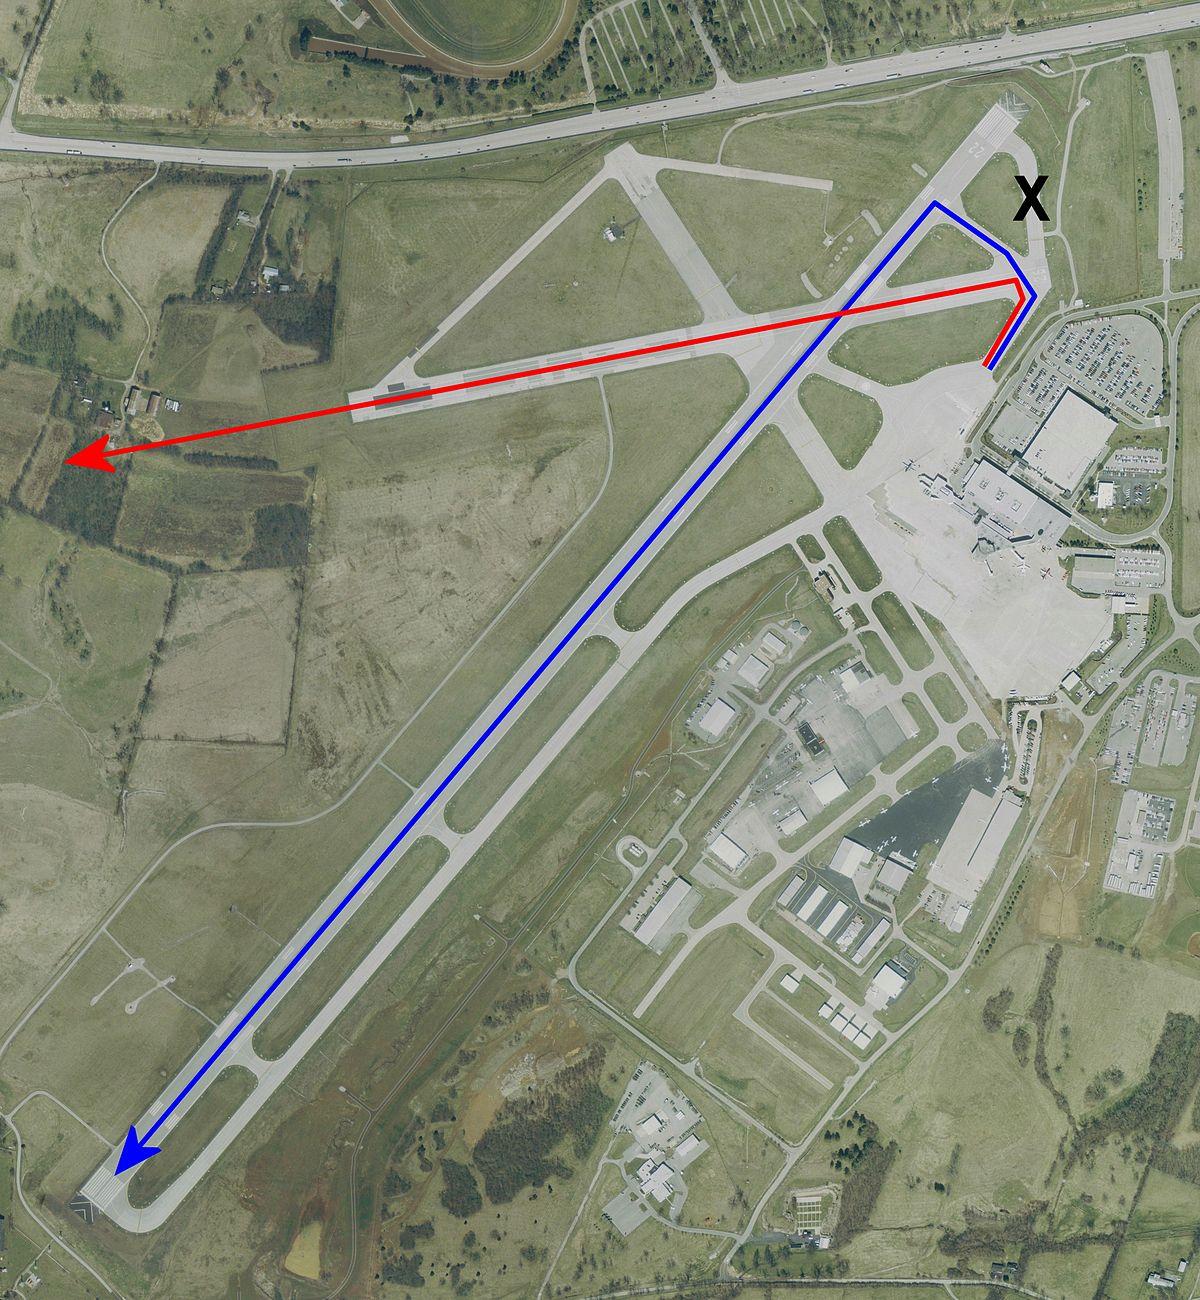 Comair Flight 5191 co-pilot, pilot's widow sue FAA, airport